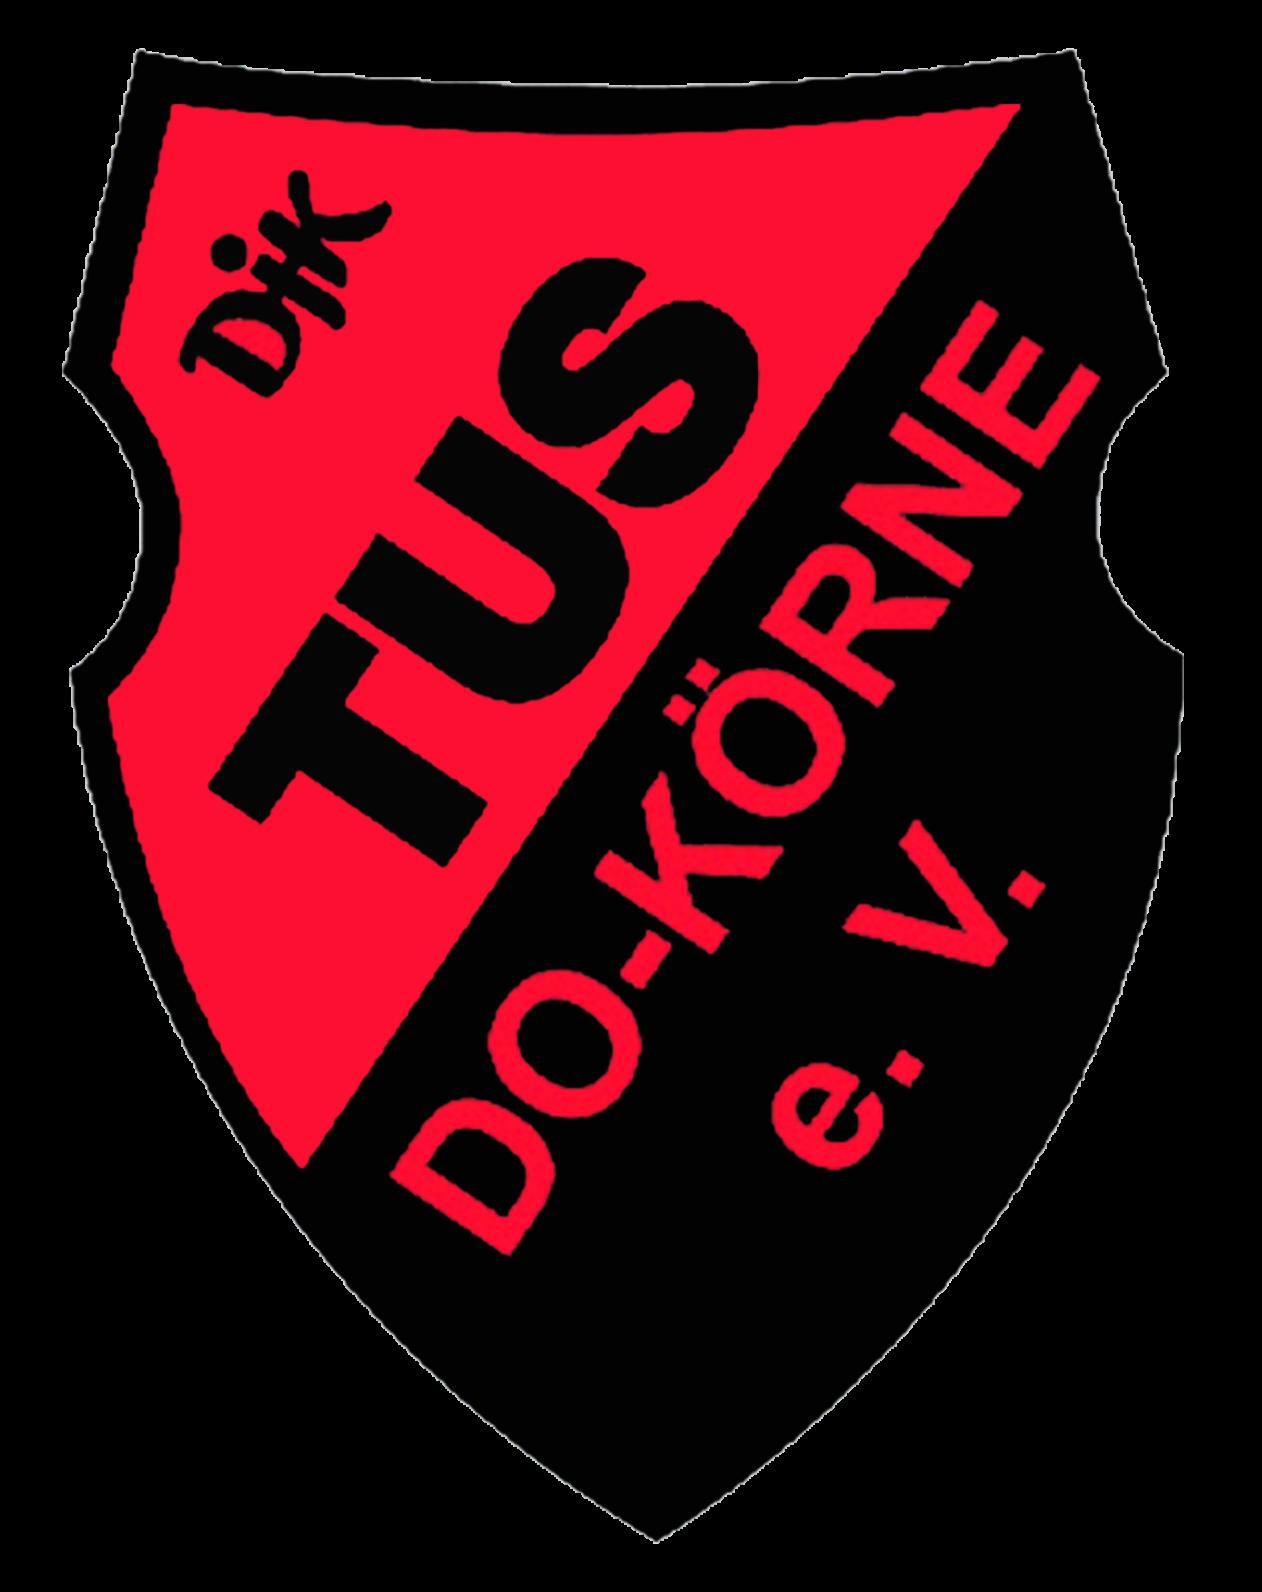 DJK TuS Körne